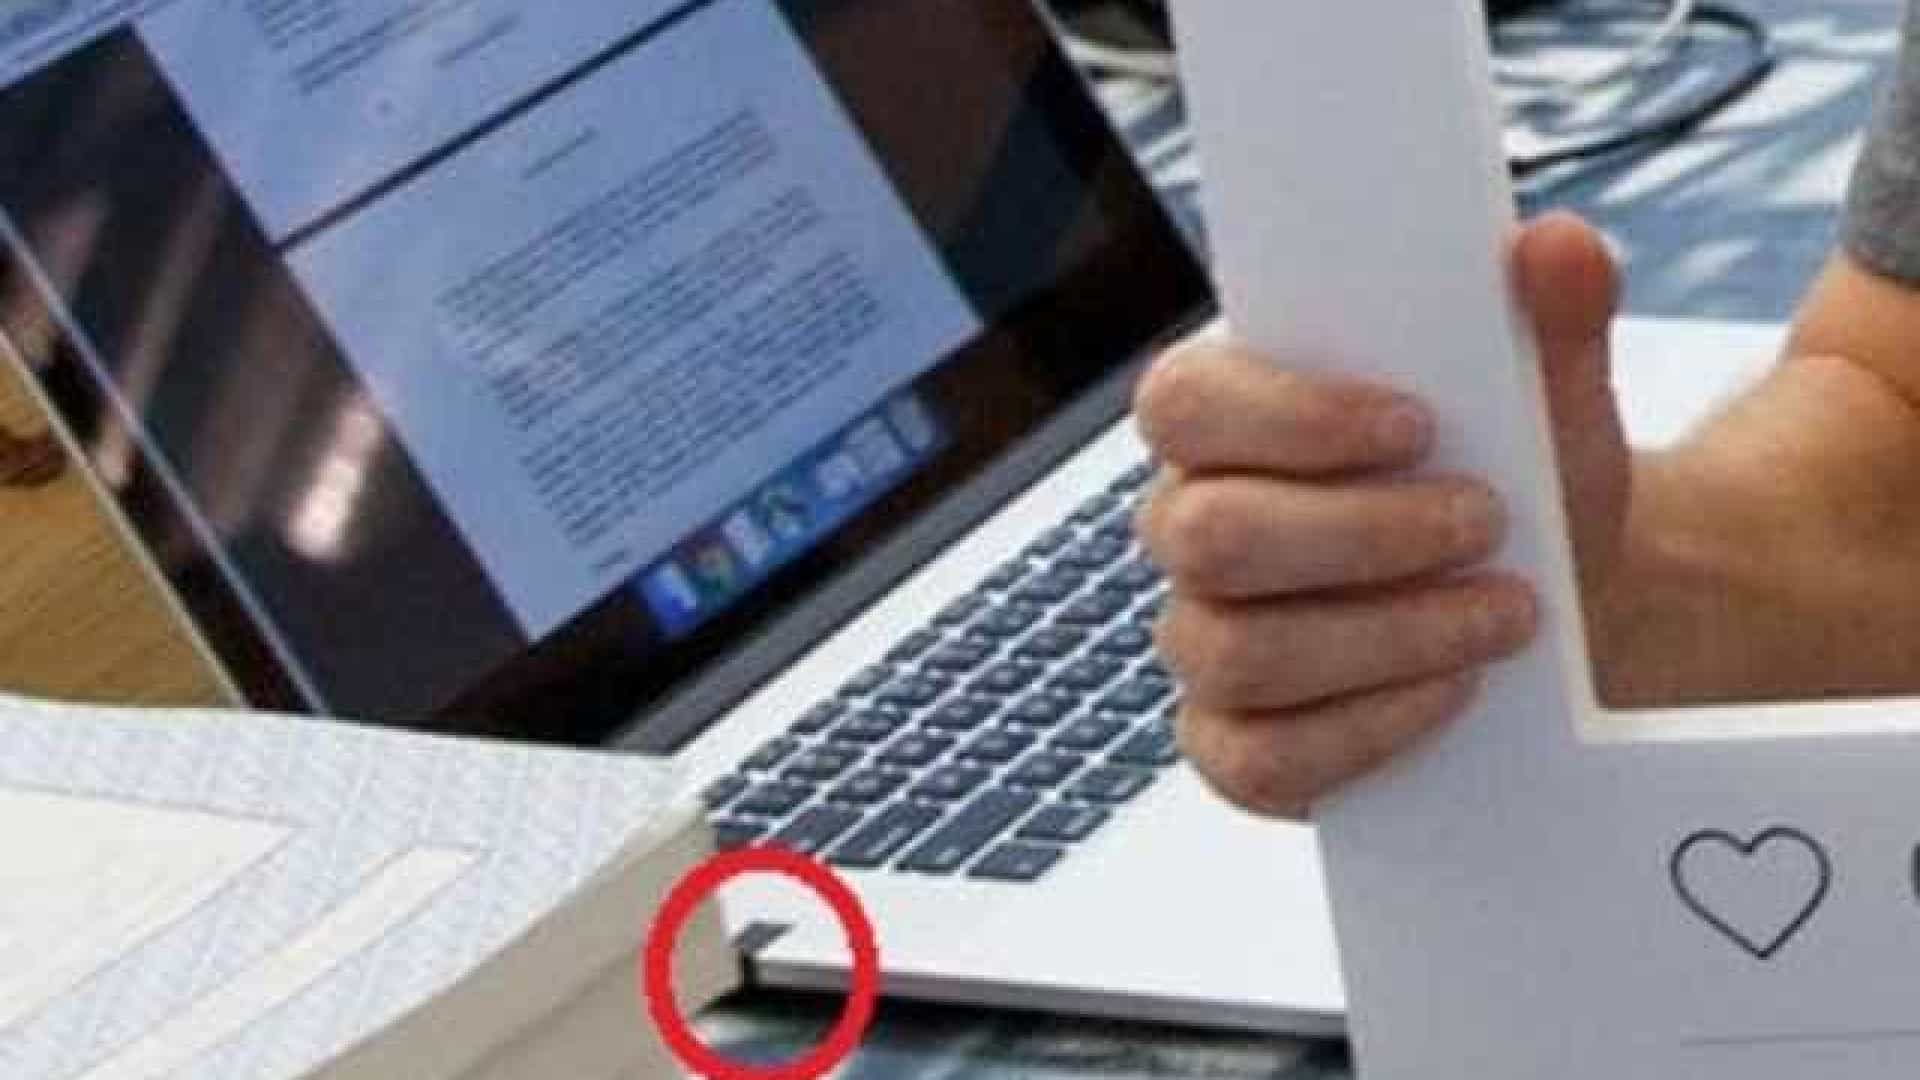 Cobrir câmera de laptop com fita para se proteger; mito ou verdade?